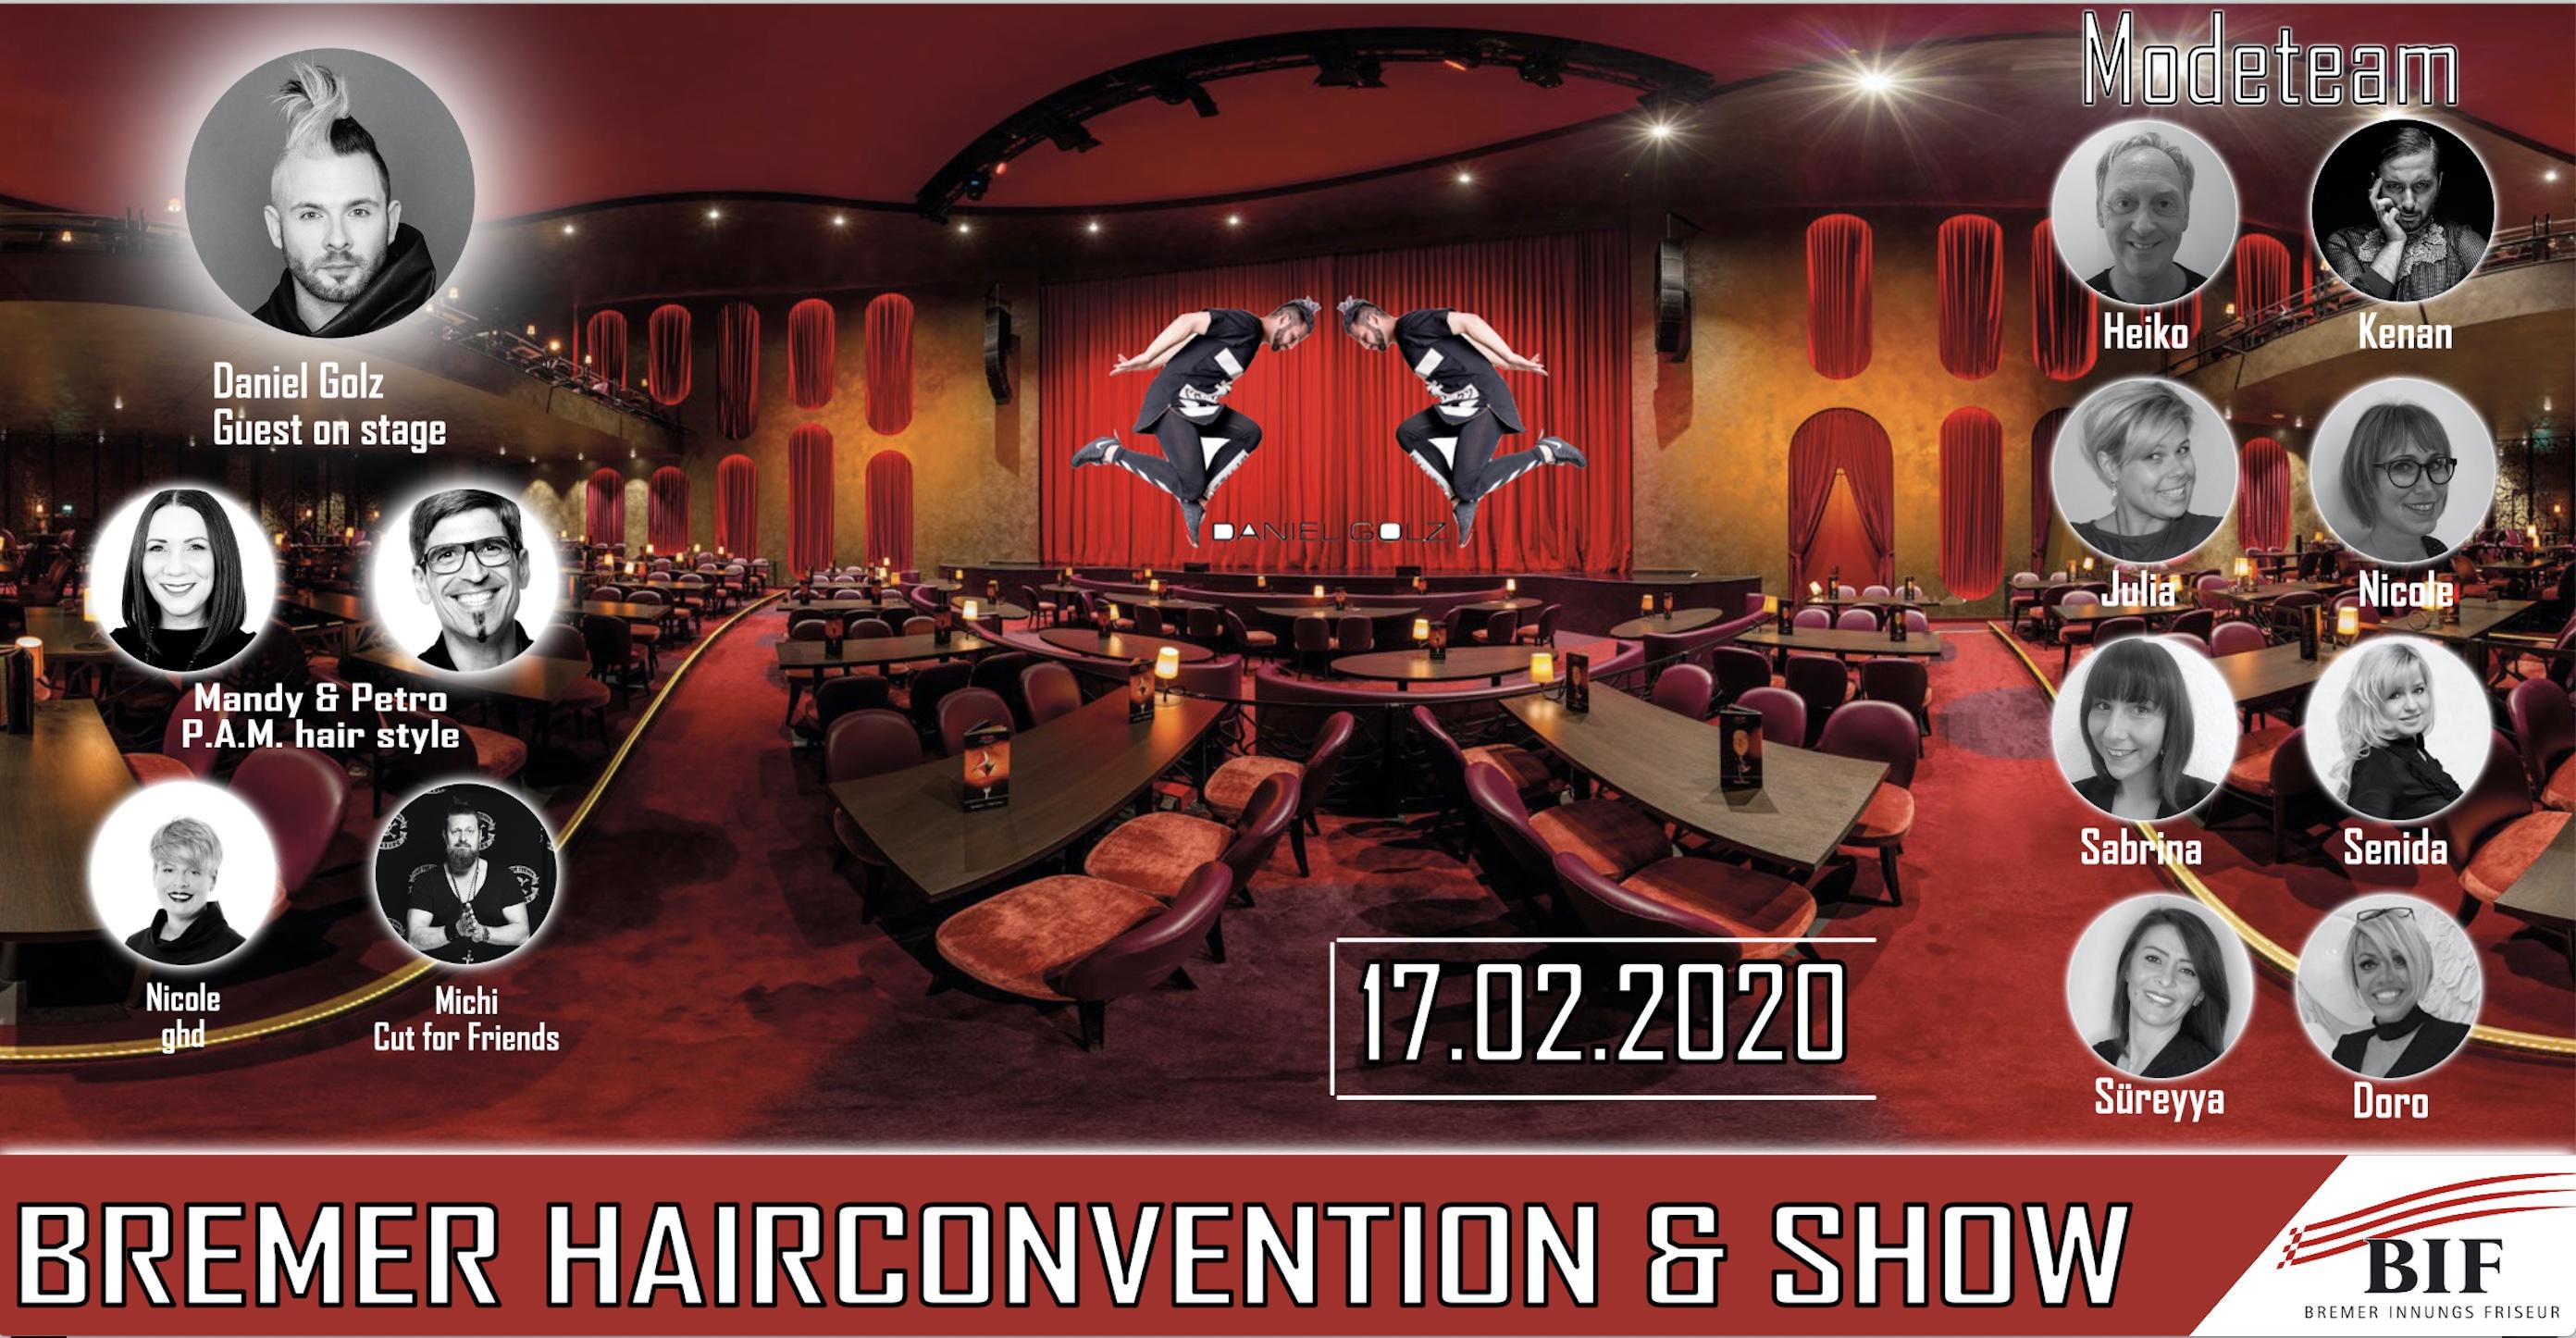 Bremer Hair Show 17.02.2020